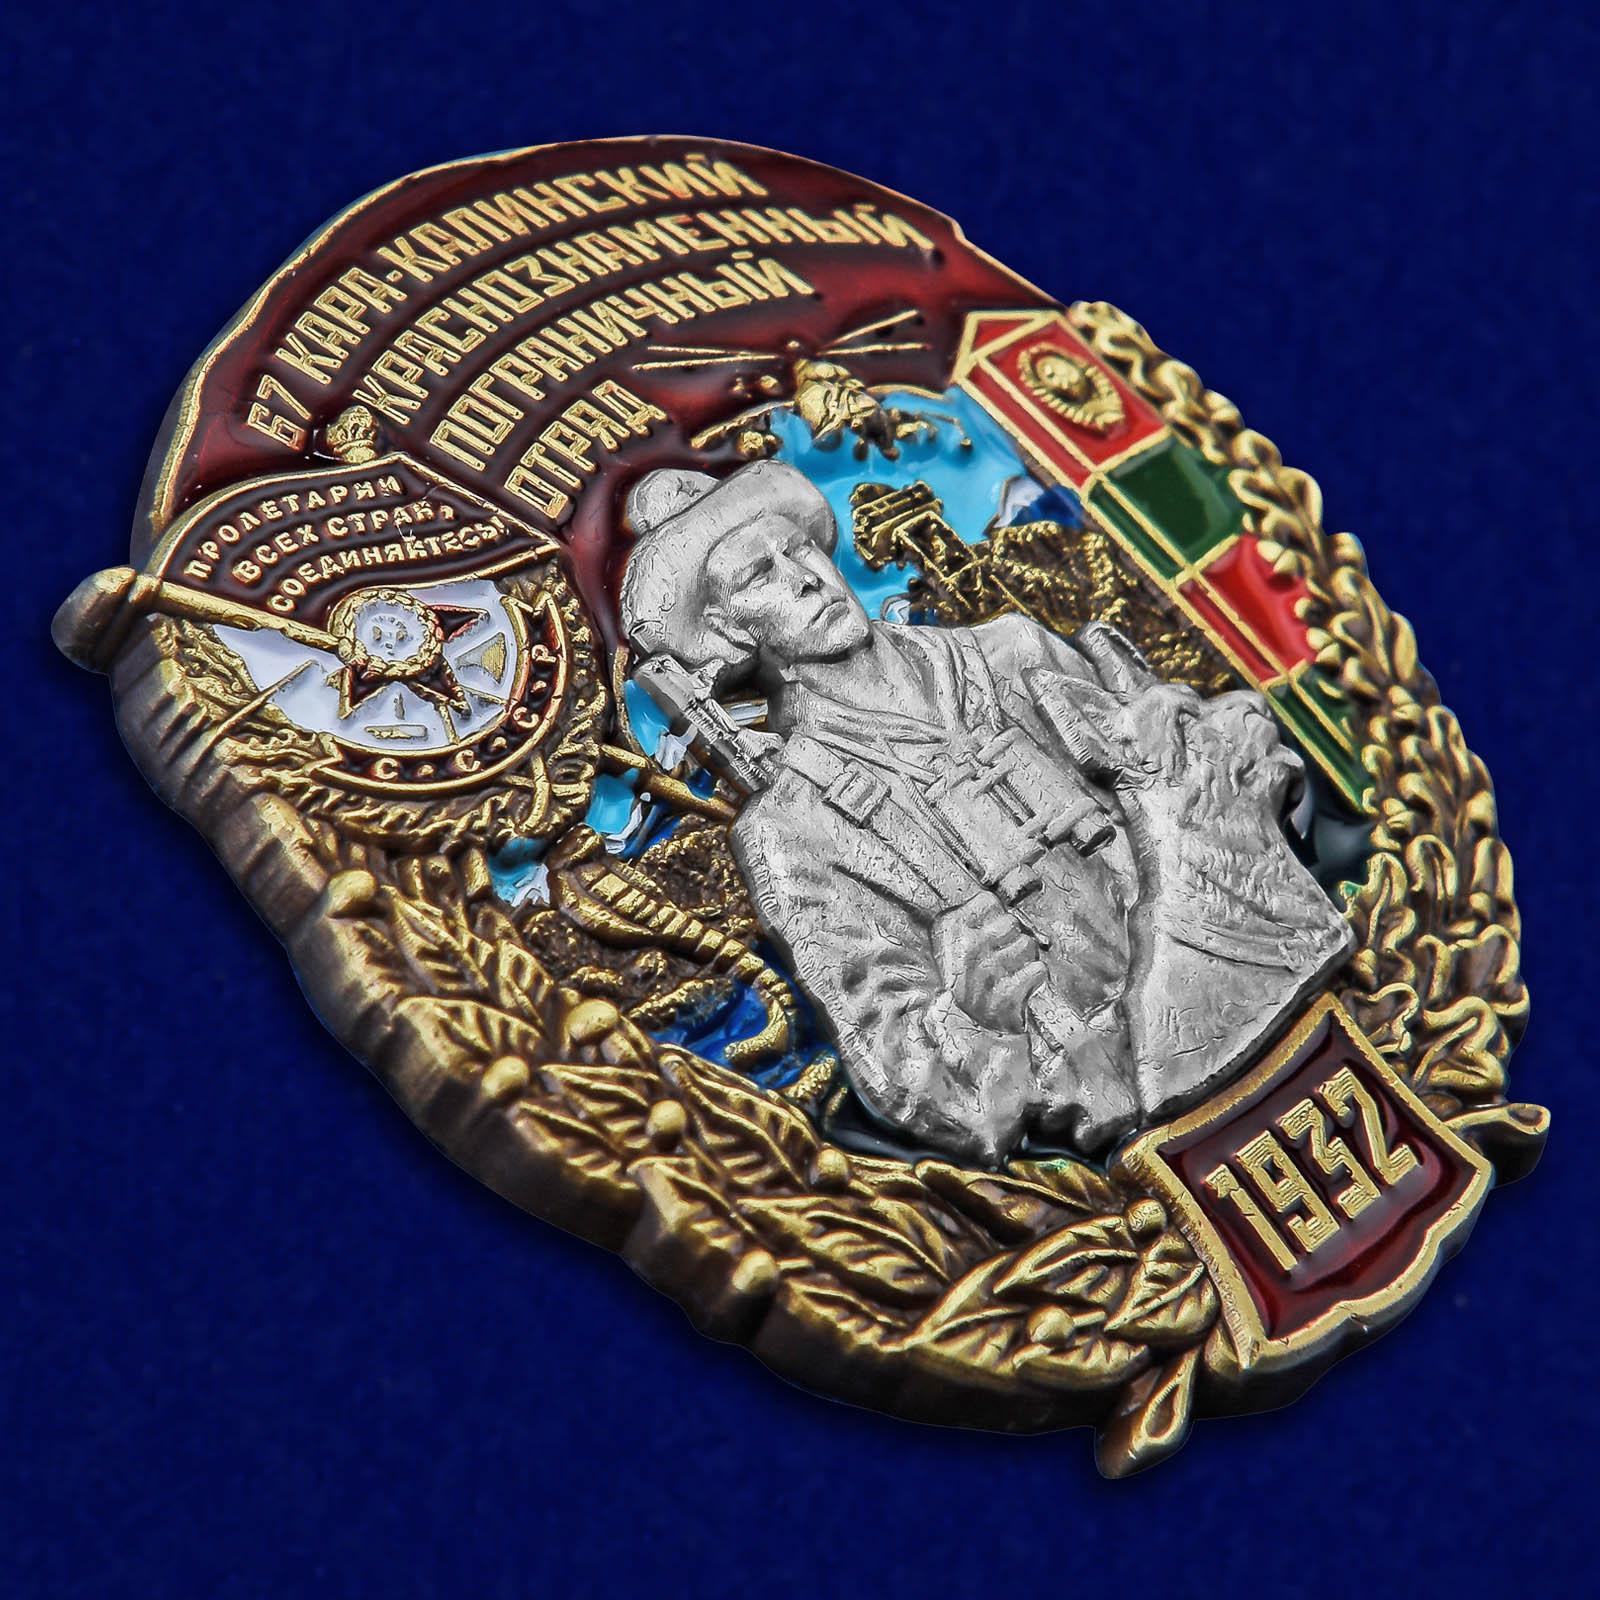 Латунный знак 67 Кара-Калинский Краснознамённый пограничный отряд - общий вид - общий вид